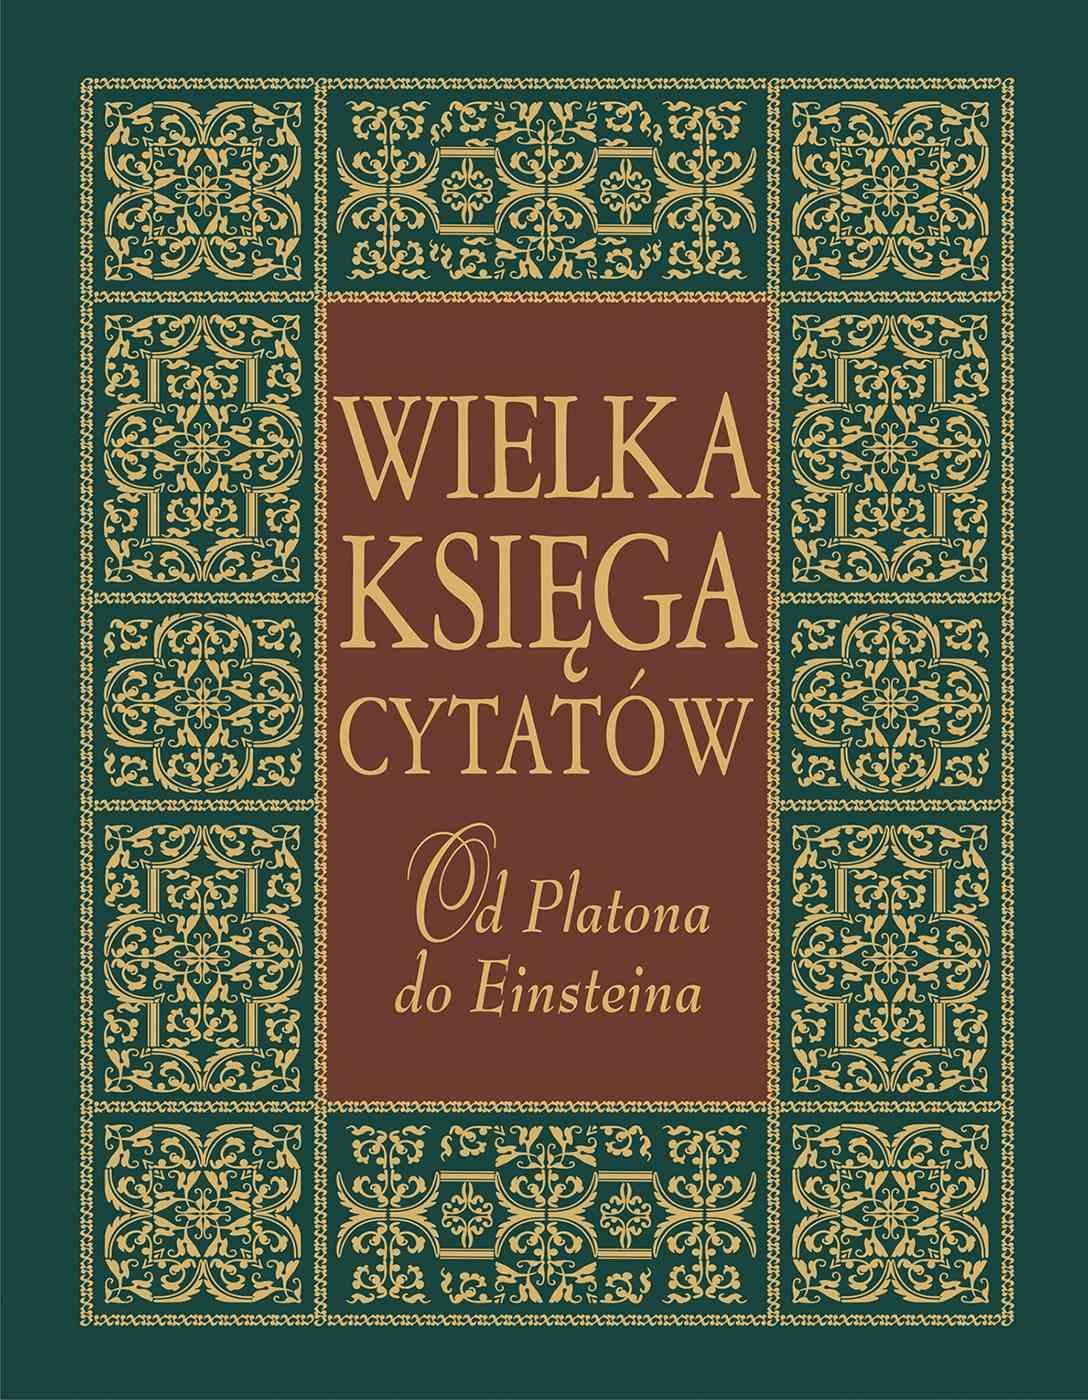 Wielka księga cytatów. Od Platona do Einsteina - Ebook (Książka na Kindle) do pobrania w formacie MOBI